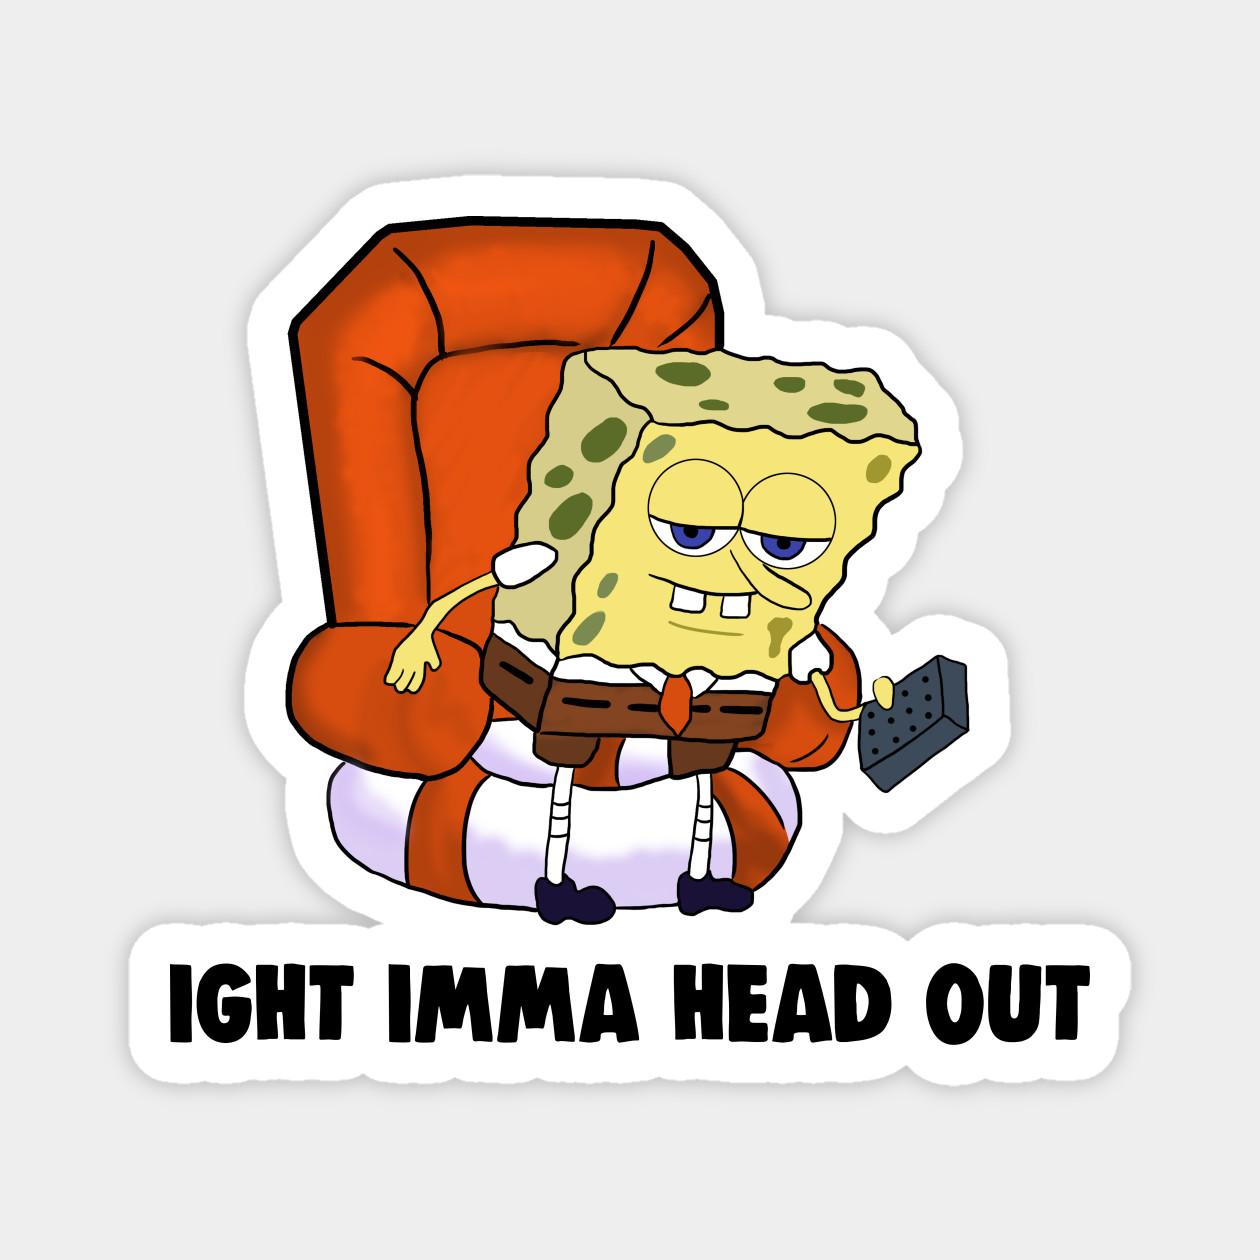 Ight Imma Head Out Meme Spongebob Meme - Ight Imma Head ...